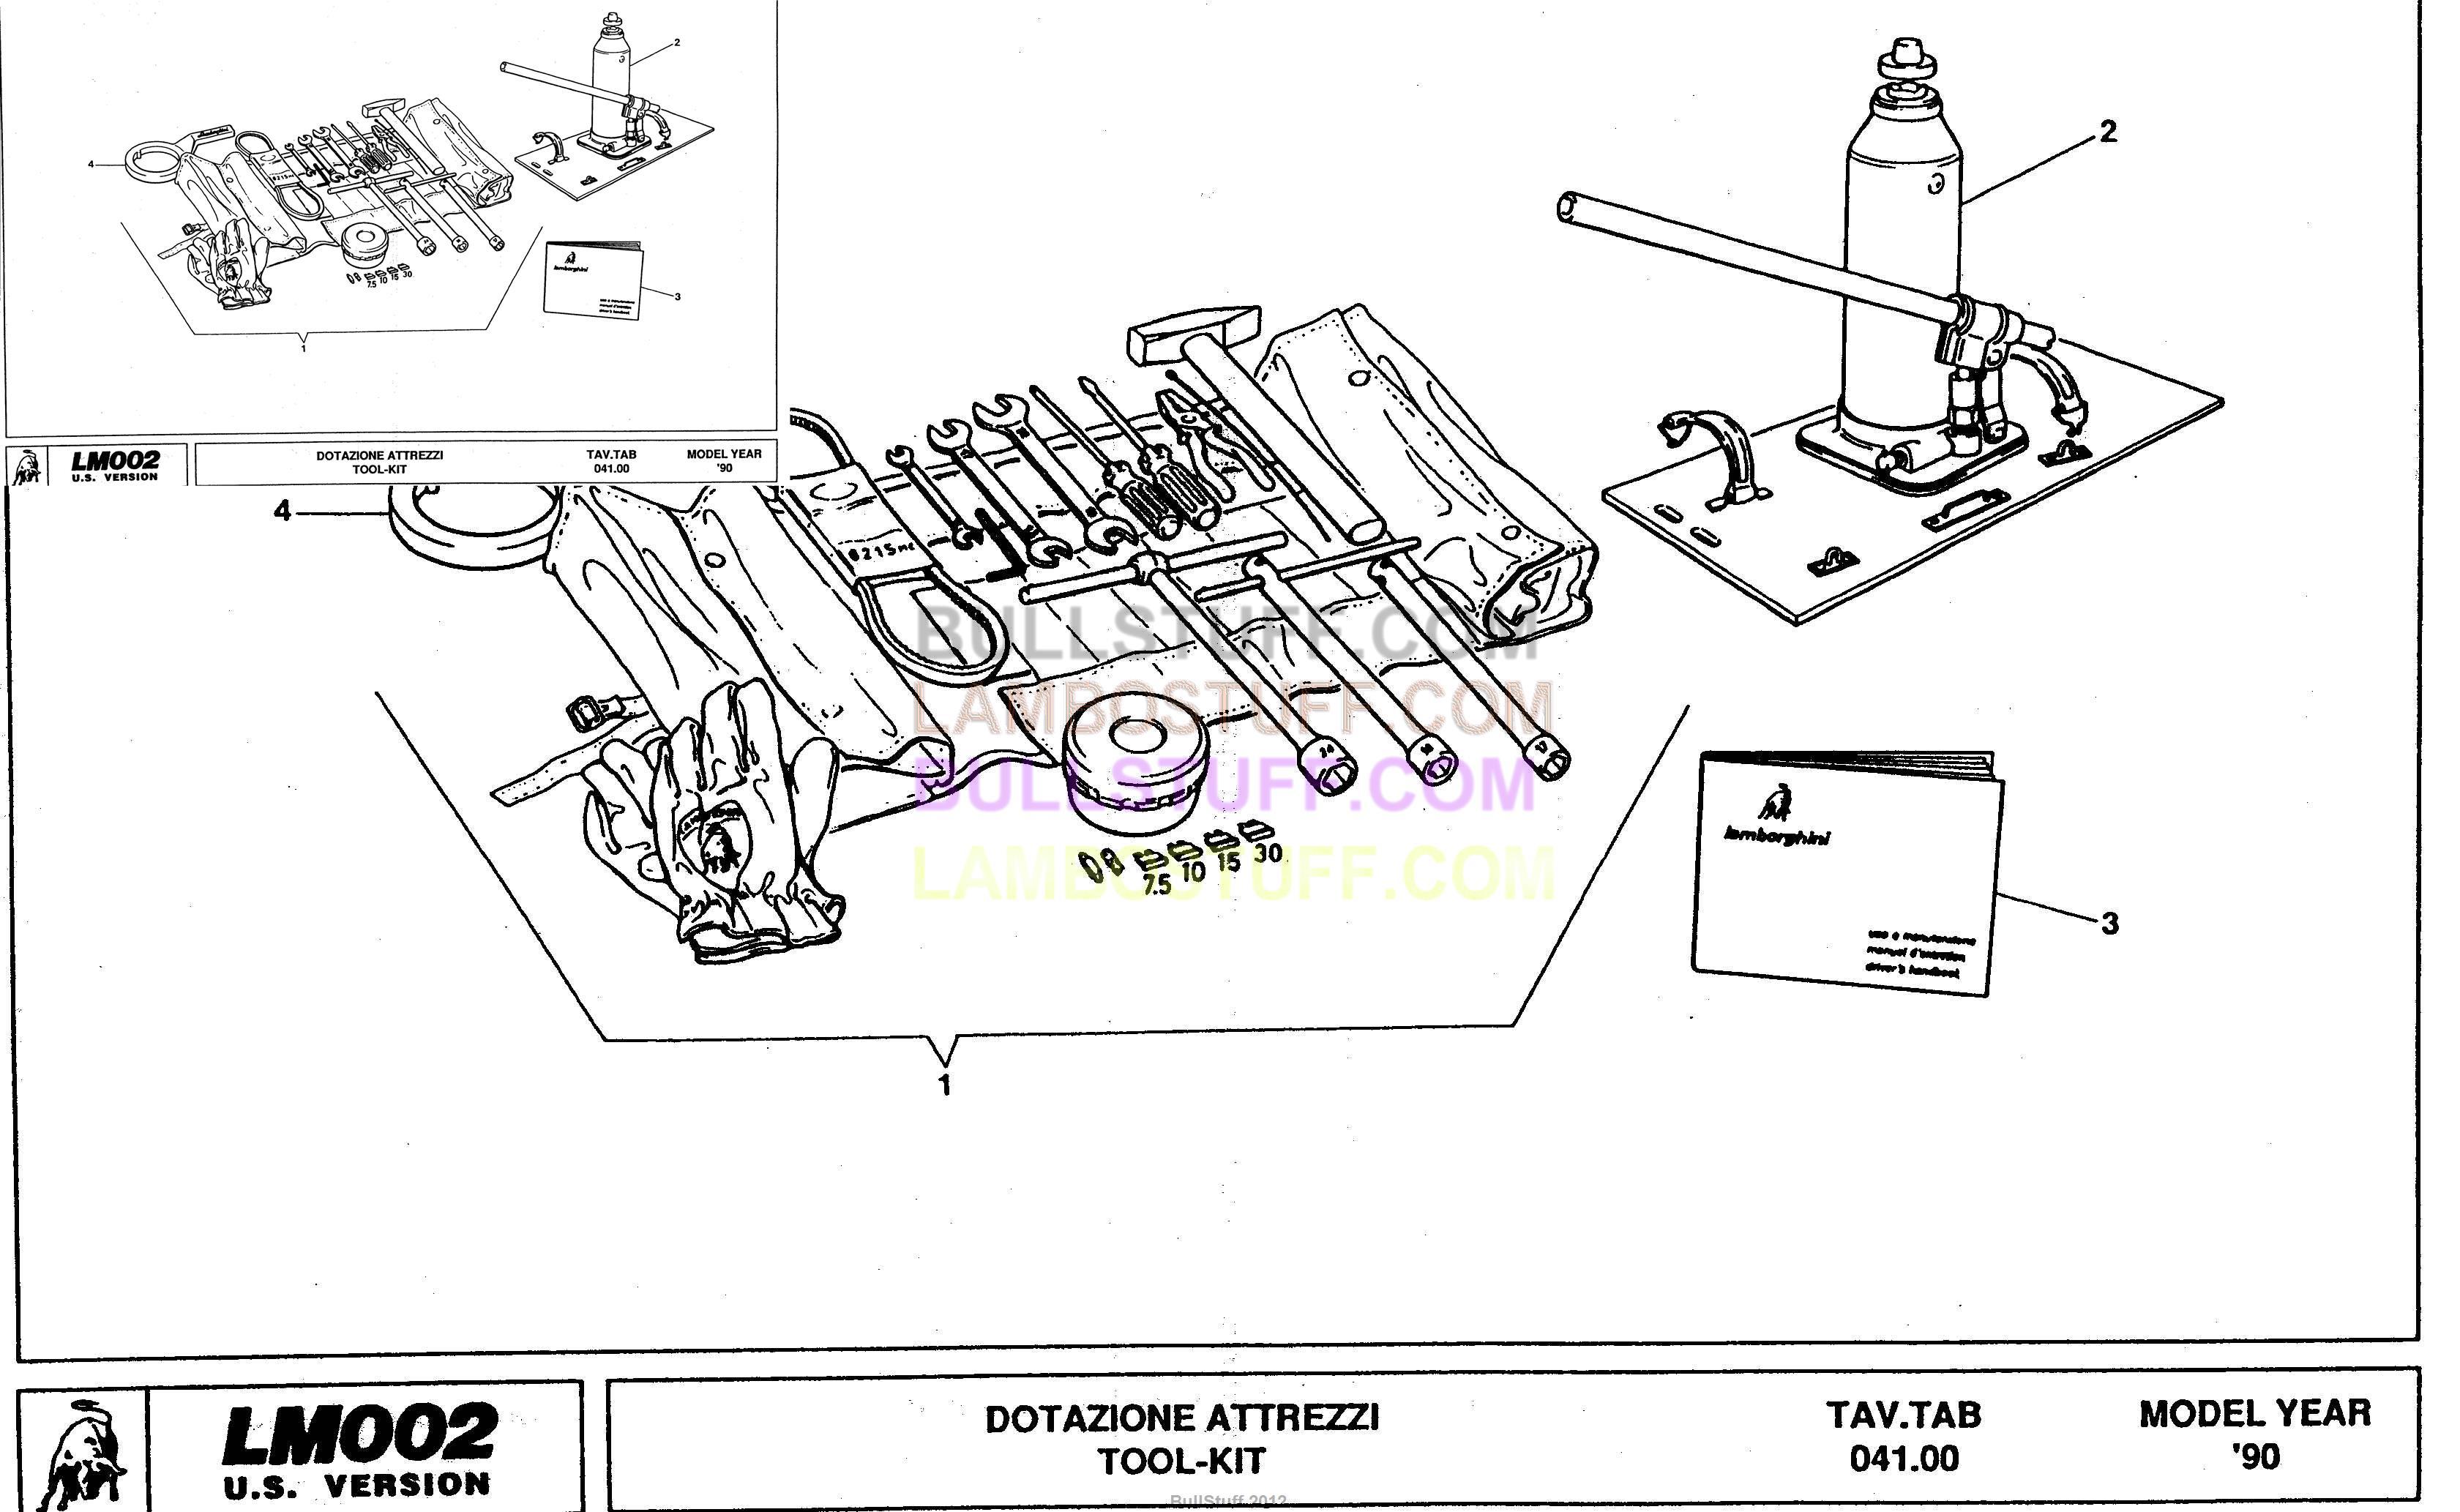 1990 Lamborghini Lm002 Usa Spec Usa Tool